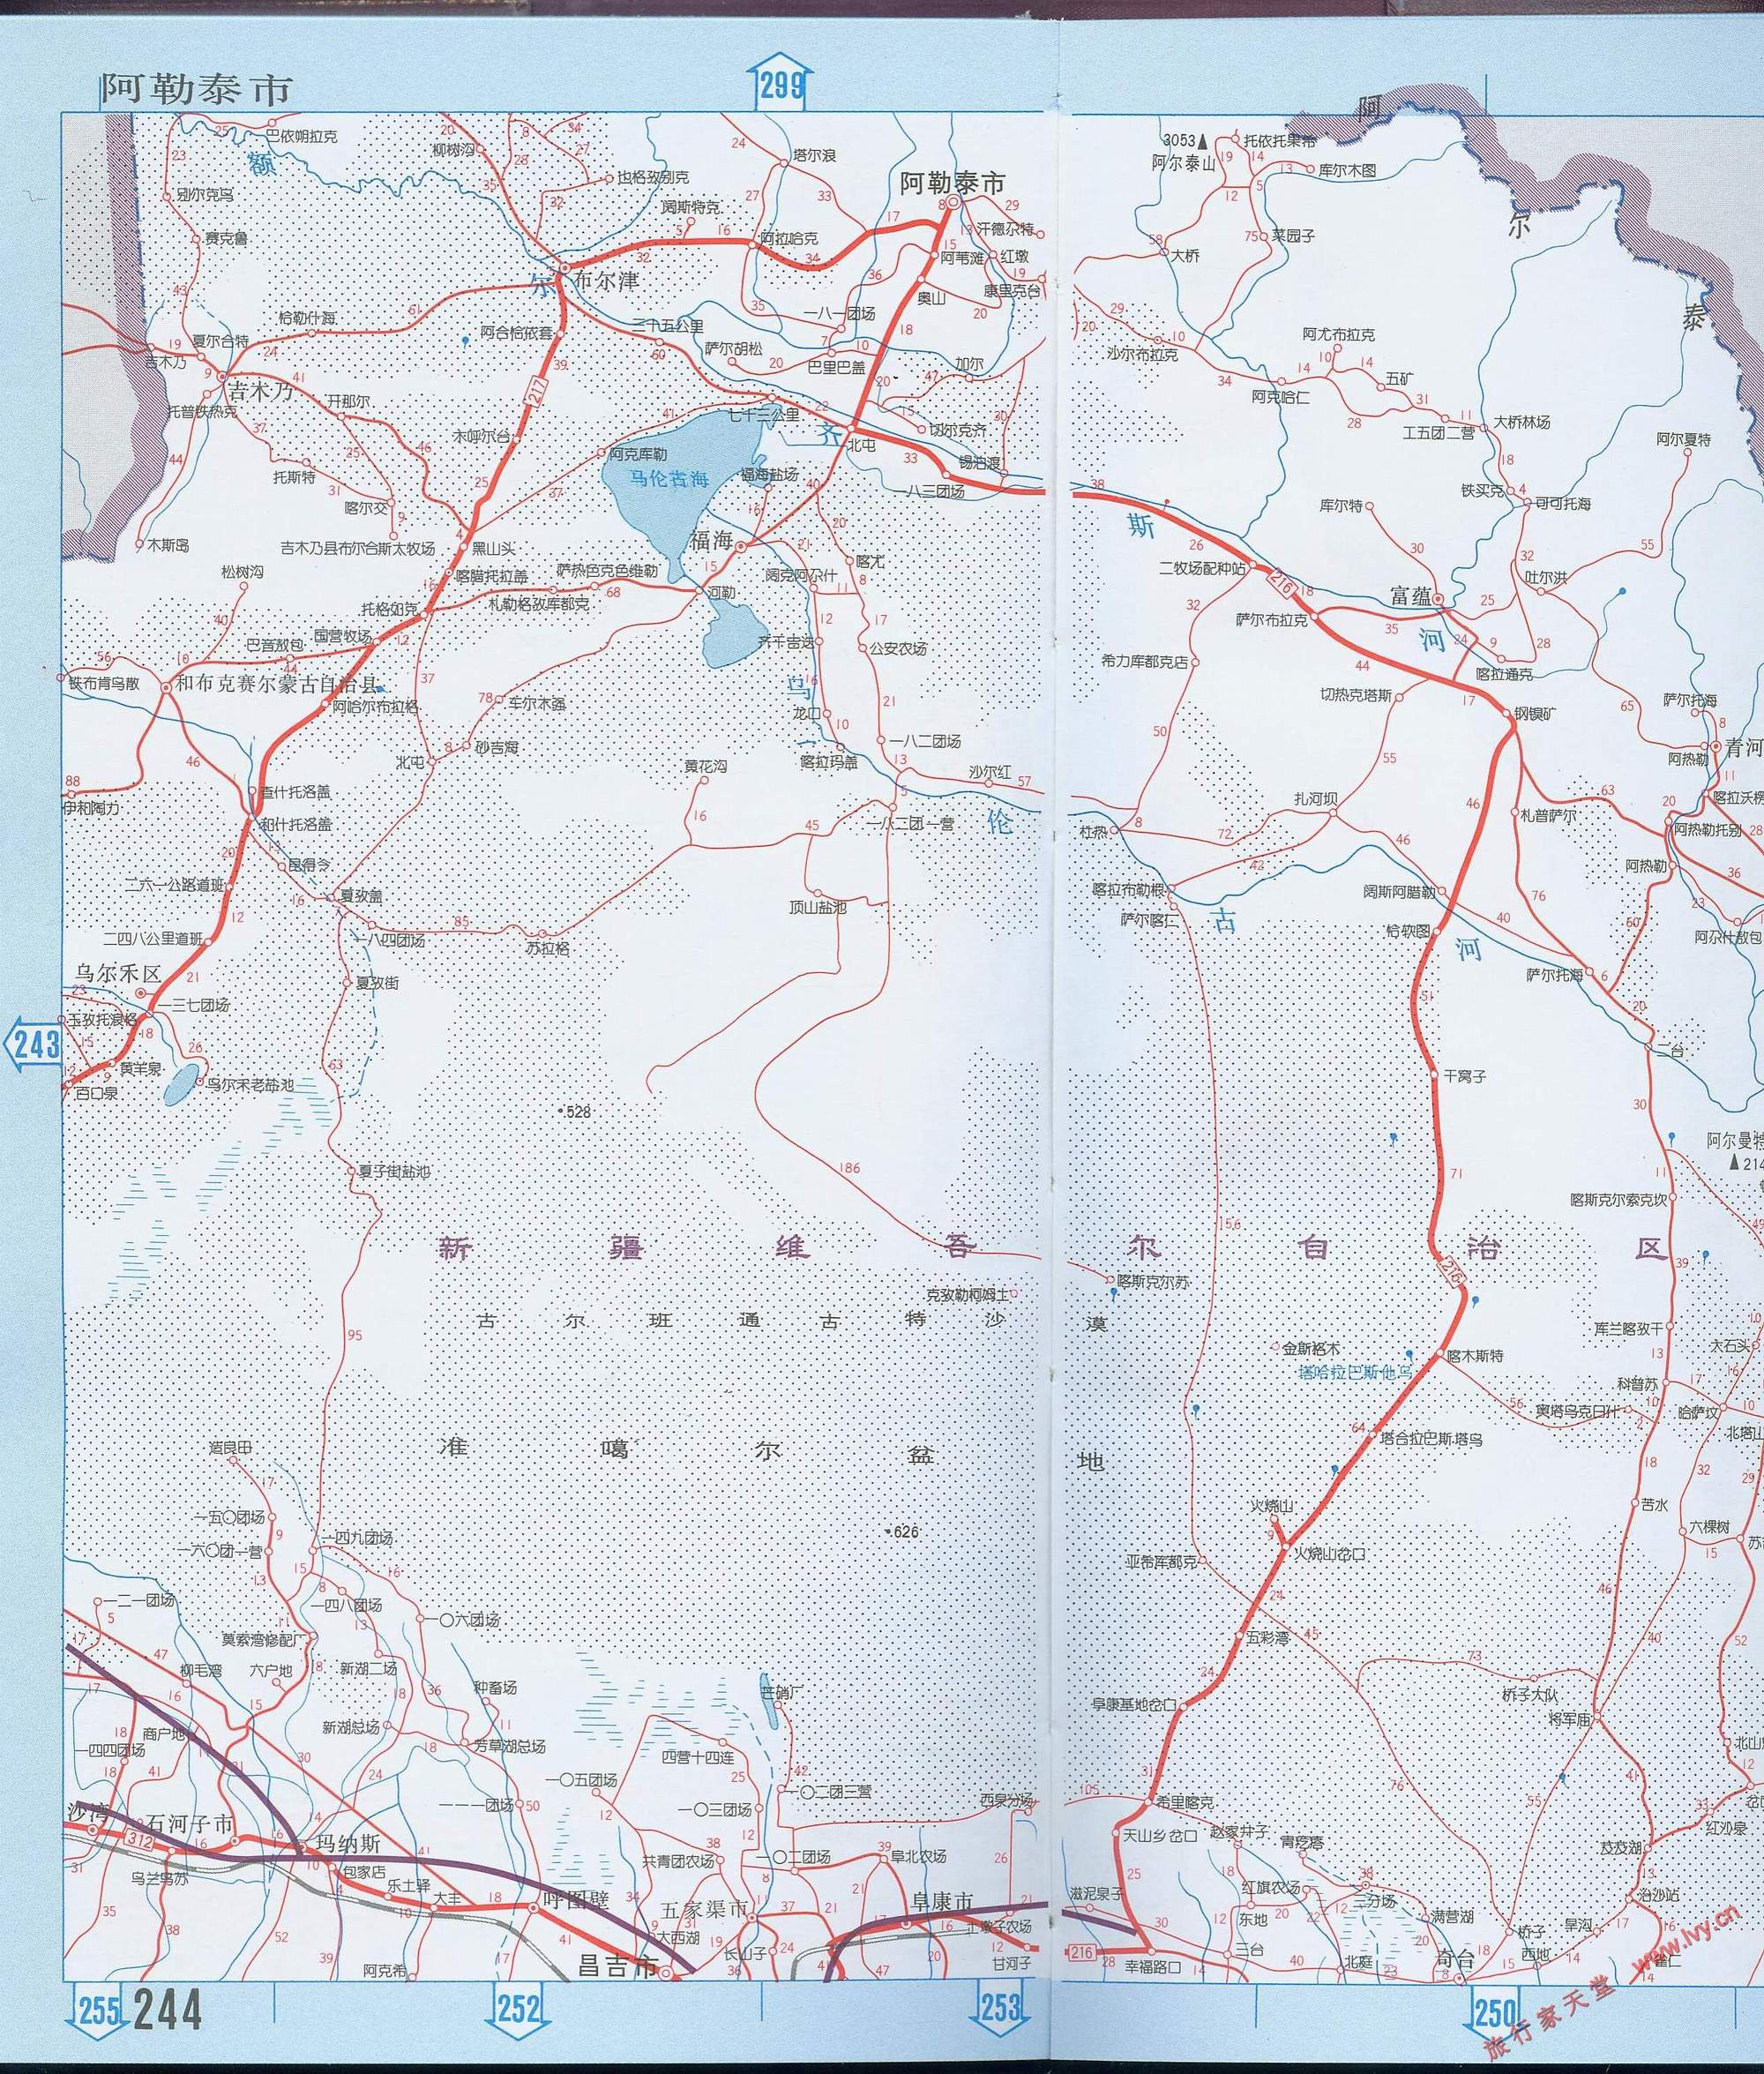 阿勒泰市旅游交通地图高清版